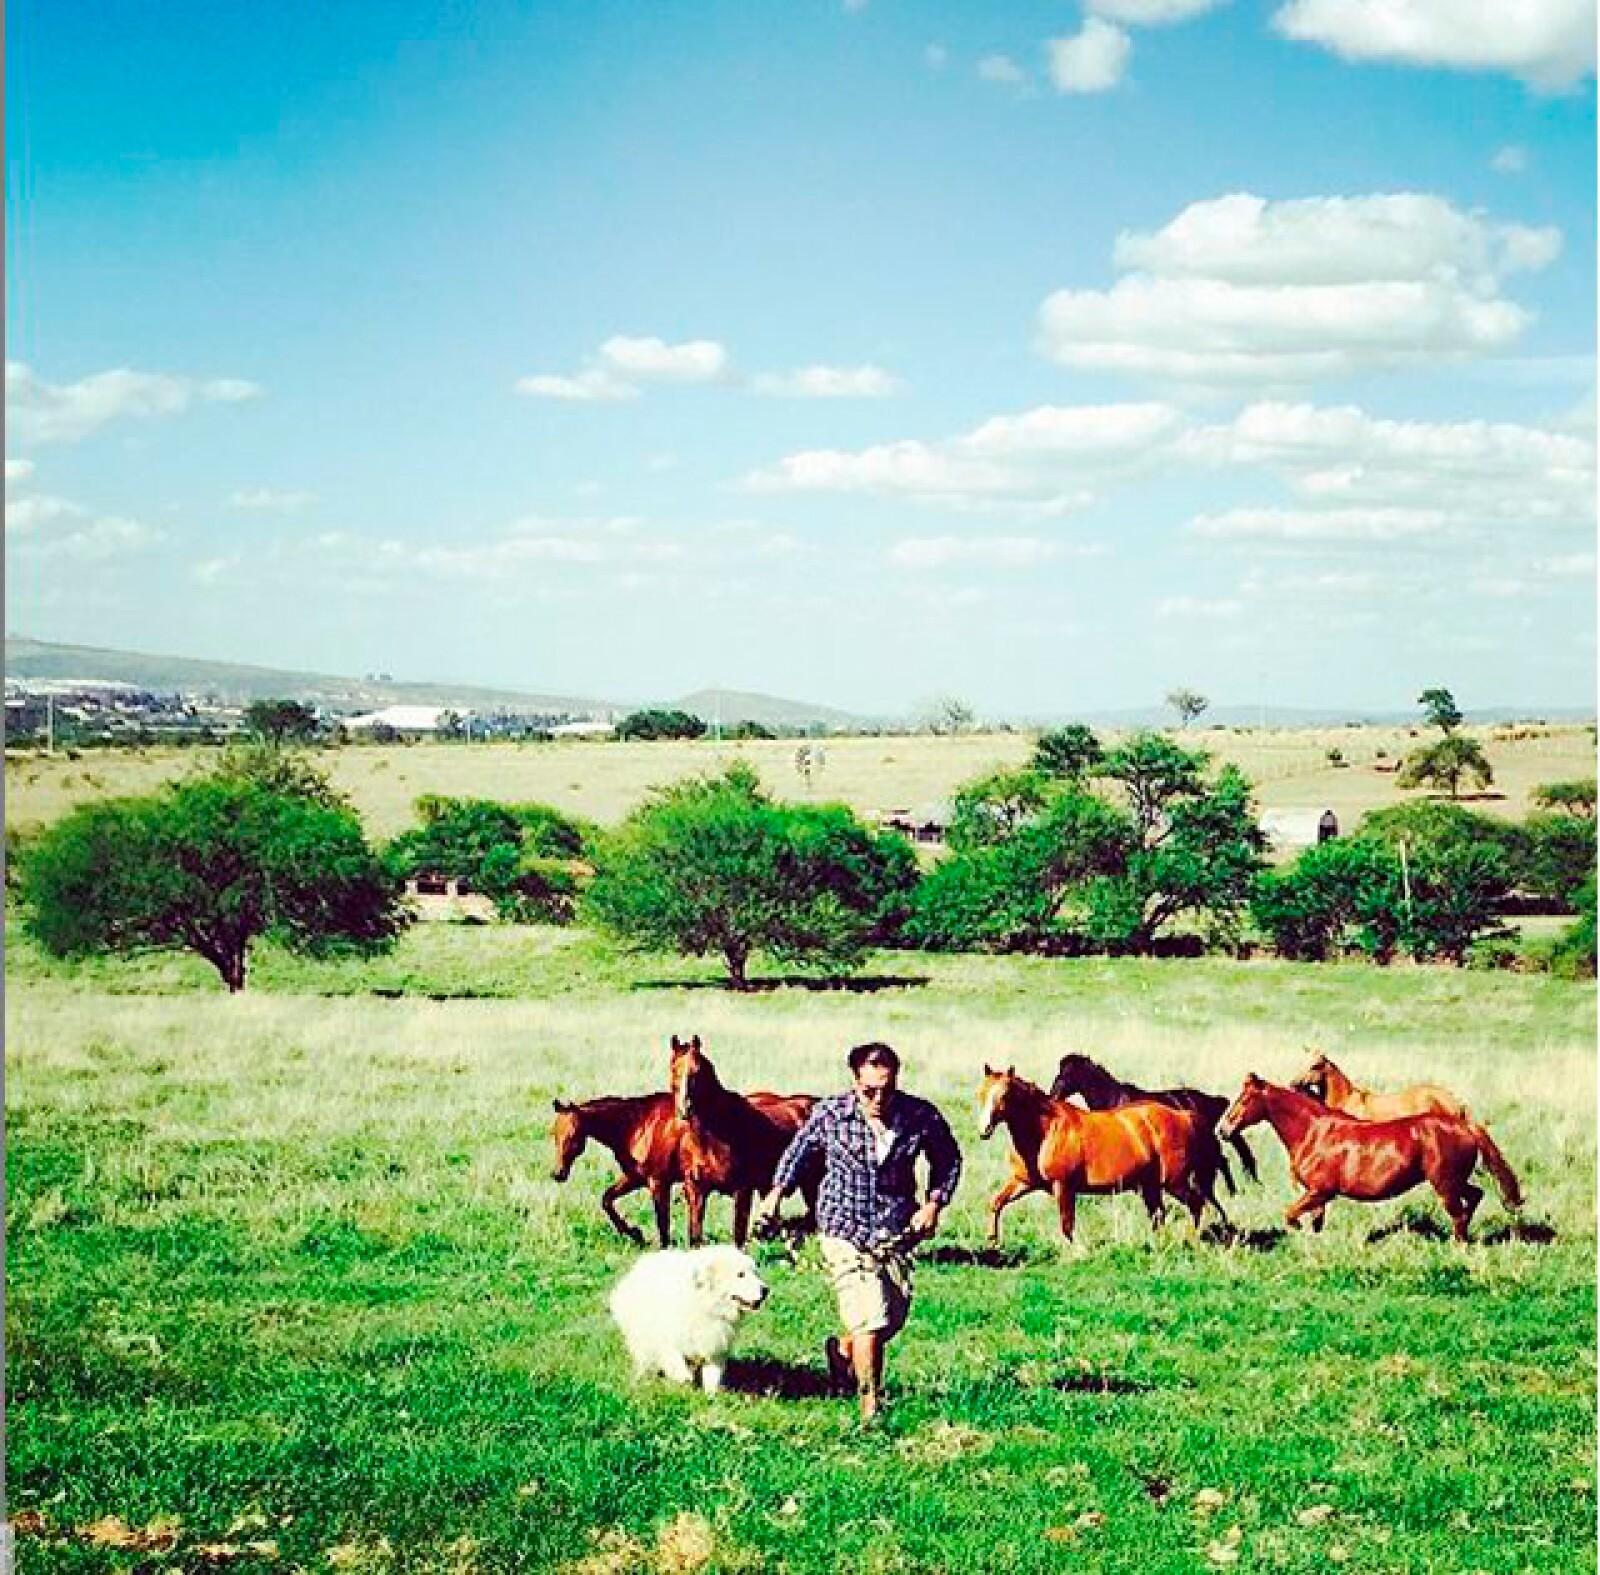 Dos pasiones unidas: los caballos y los perros.